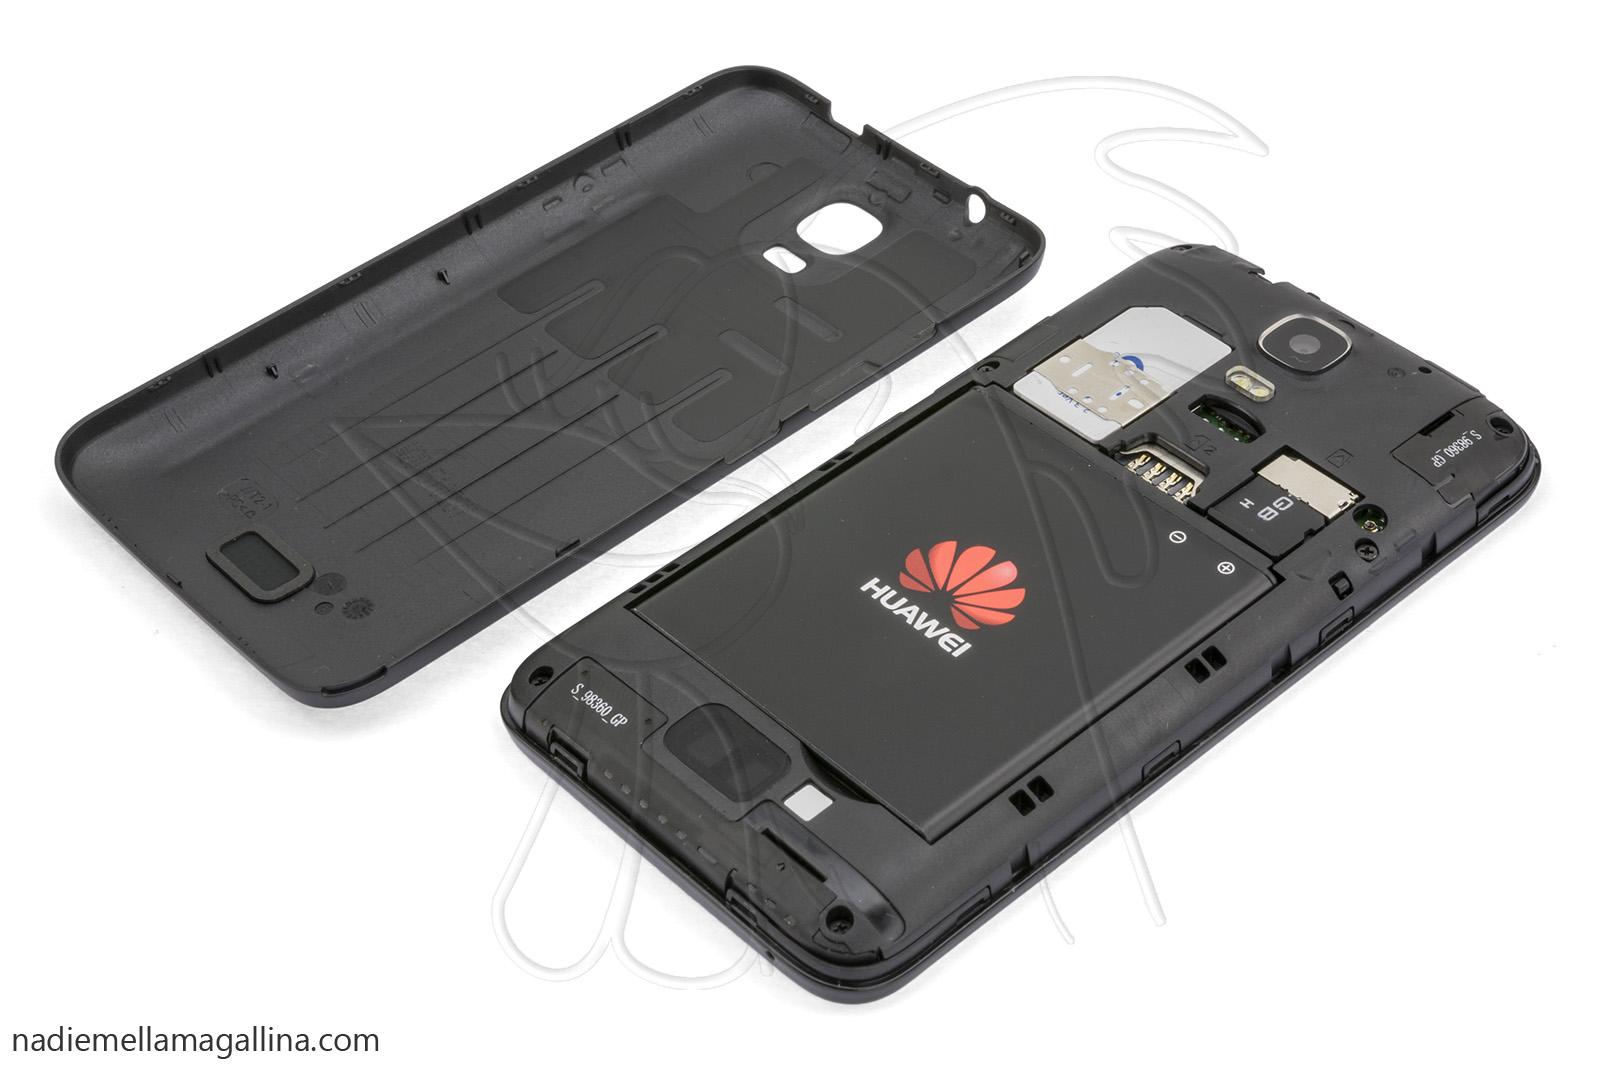 Manuales / Huawei Y3 / Battery | Nadie Me Llama Gallina